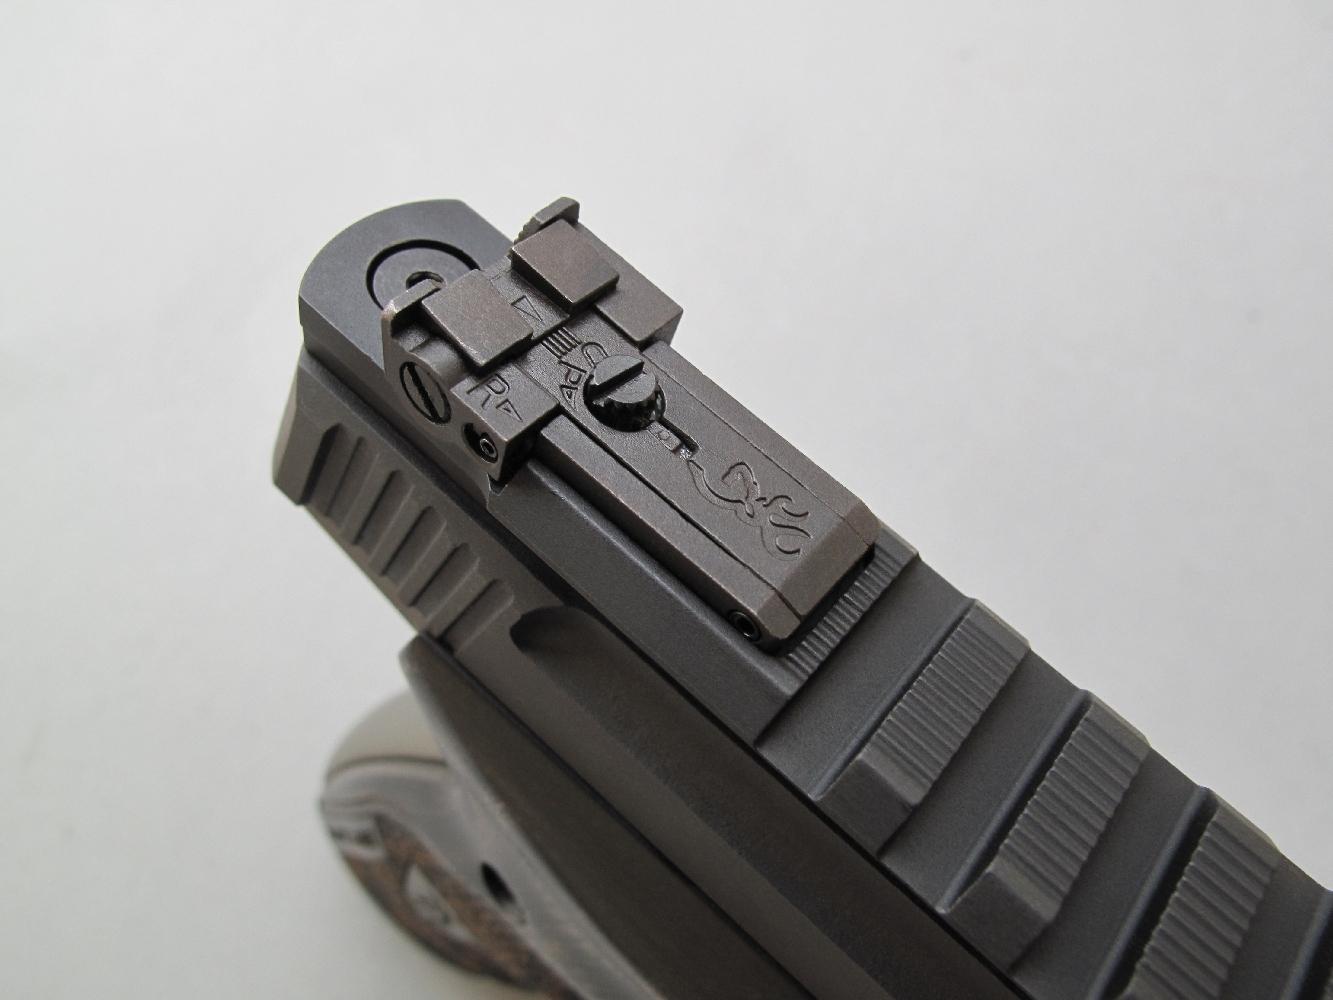 Les vis micrométriques, dont le sens de réglage est repéré par une flèche présentent, en site comme en azimut, des clics fermes et nettement audibles.